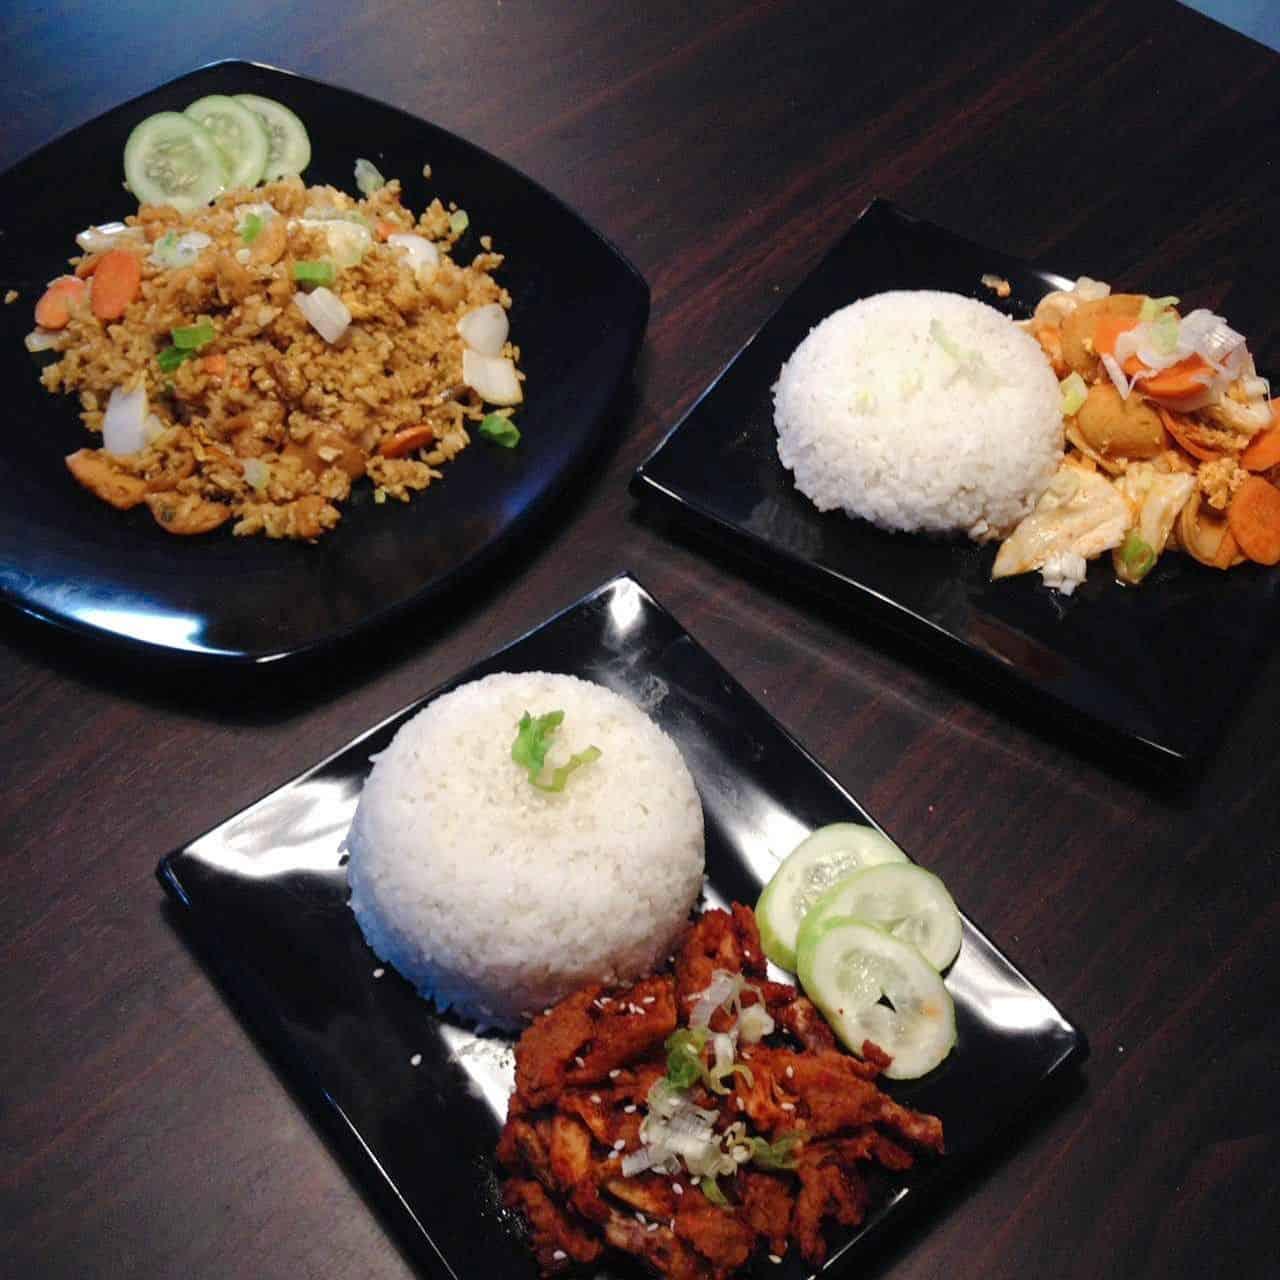 Menu Dan Harga Jardin Cafe Bandung: Sarrae Cafe Spesial Menu Untuk Driver Grab